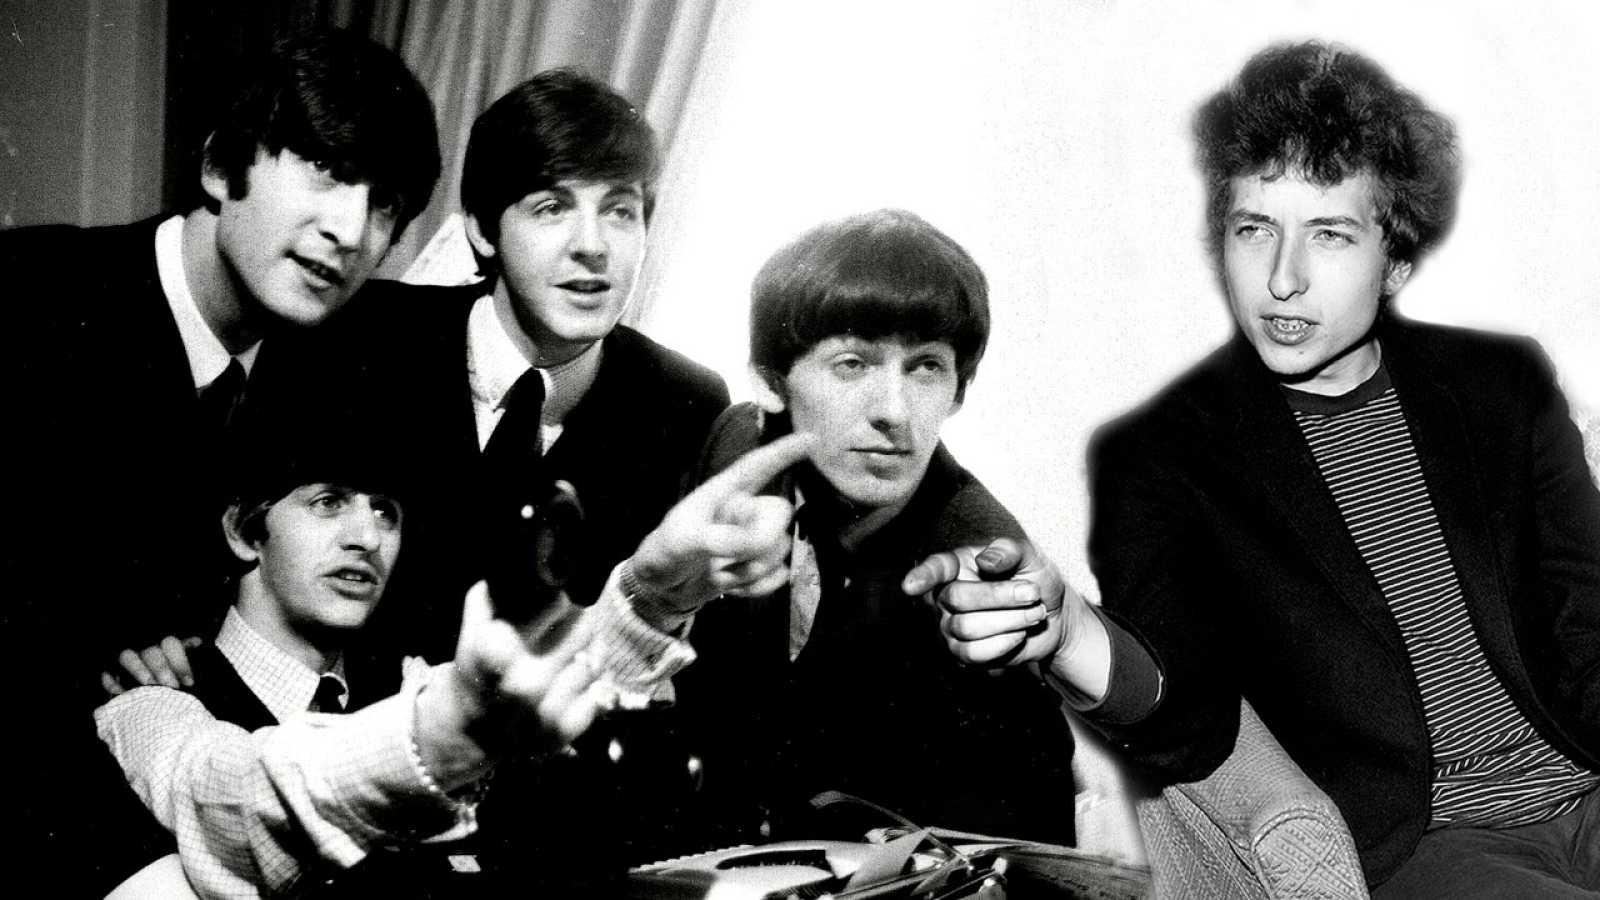 Disco grande - Encuentro Dylan-Beatles y Los Smiths con los Simpson - 19/04/21 - escuchar ahora